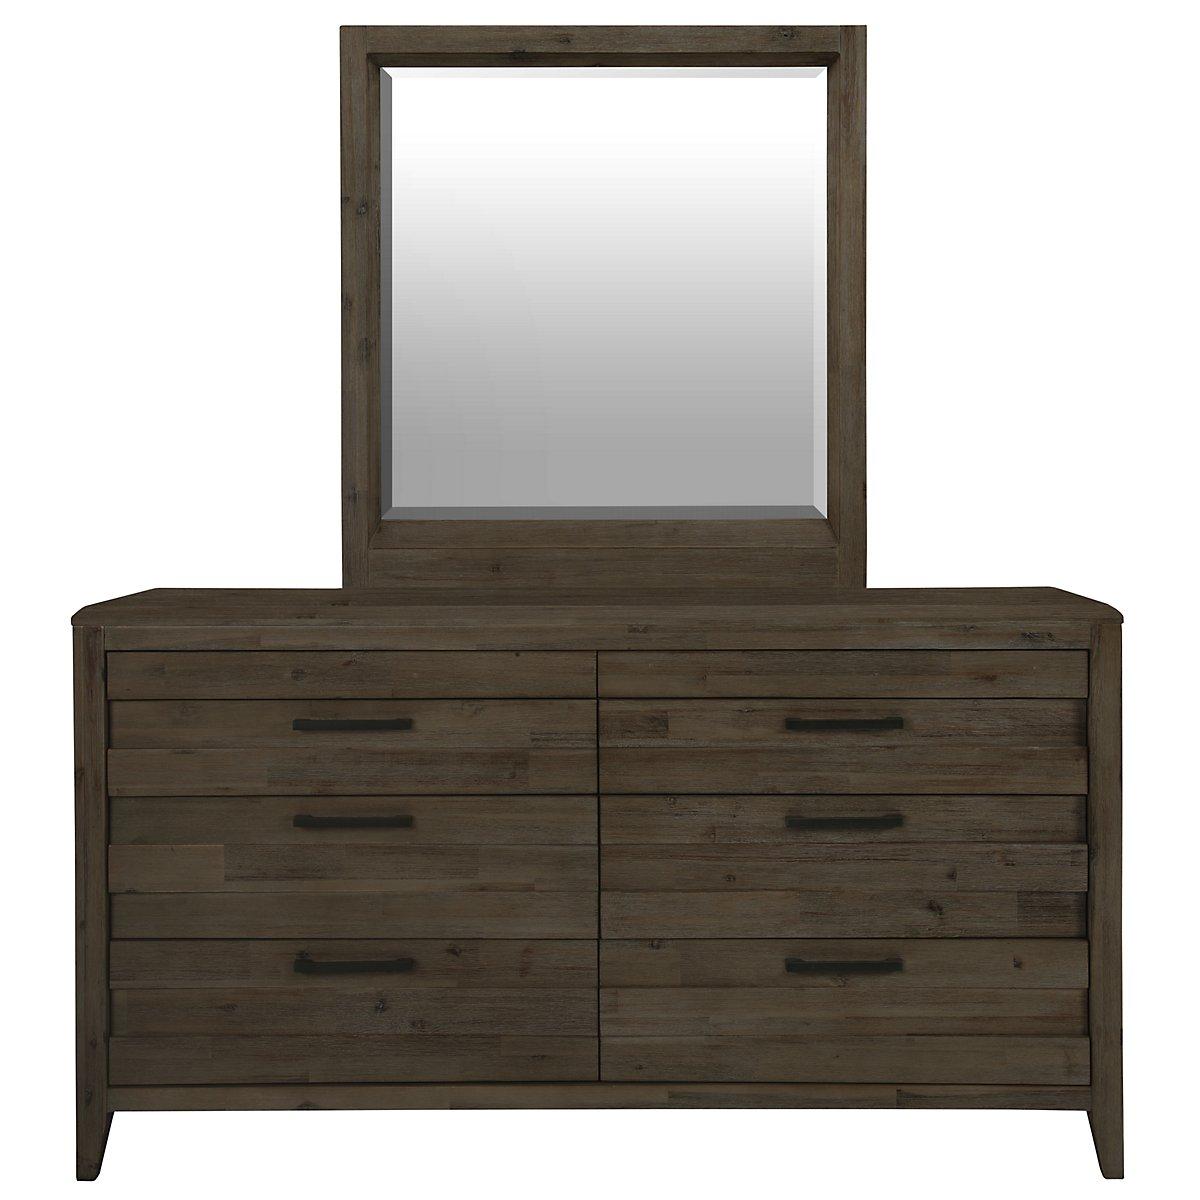 Casablanca Dark Tone Dresser & Mirror